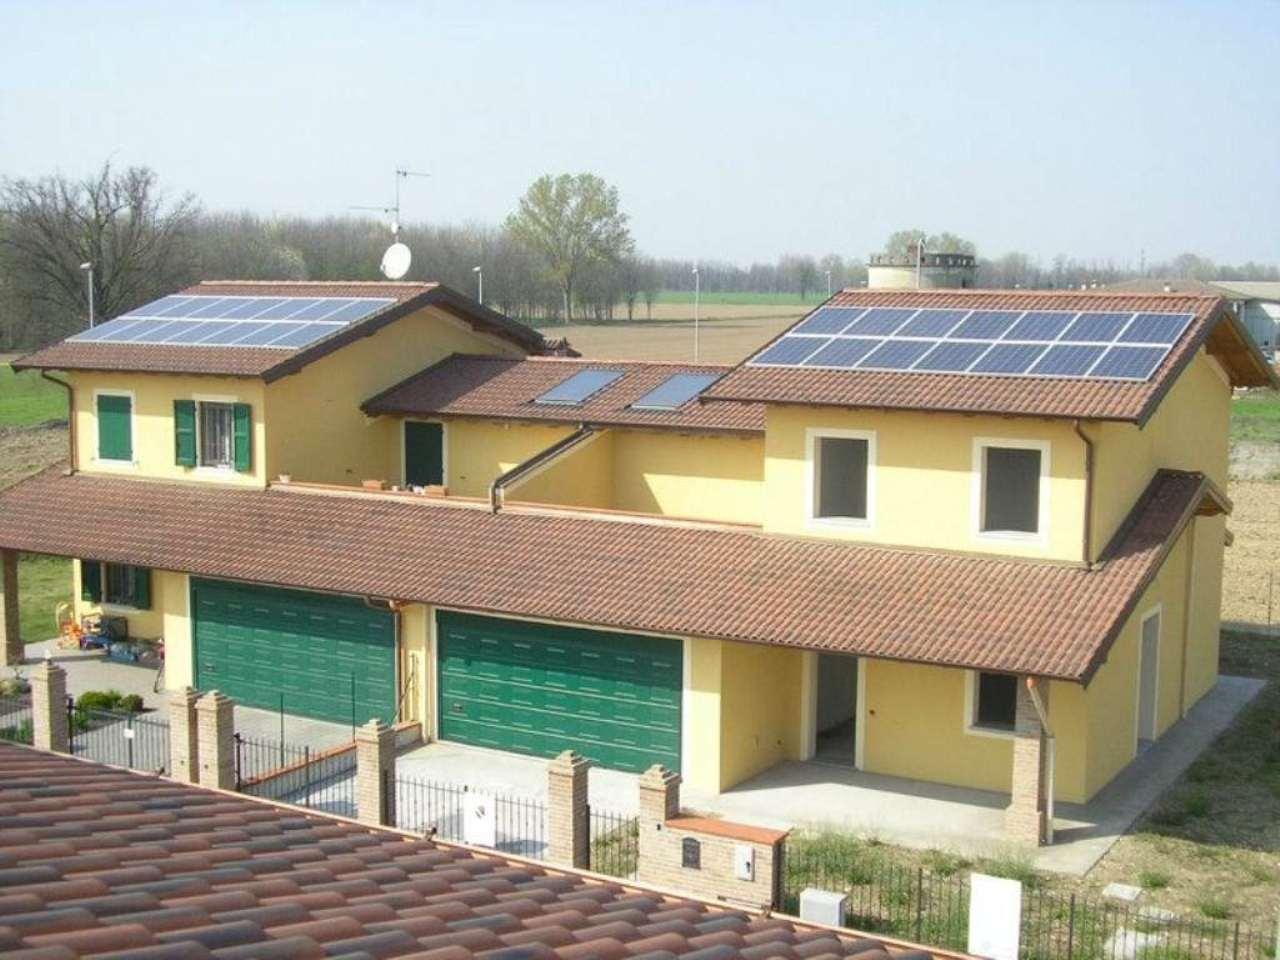 Villa Bifamiliare in vendita a San Donato Milanese, 5 locali, prezzo € 265.000 | Cambio Casa.it